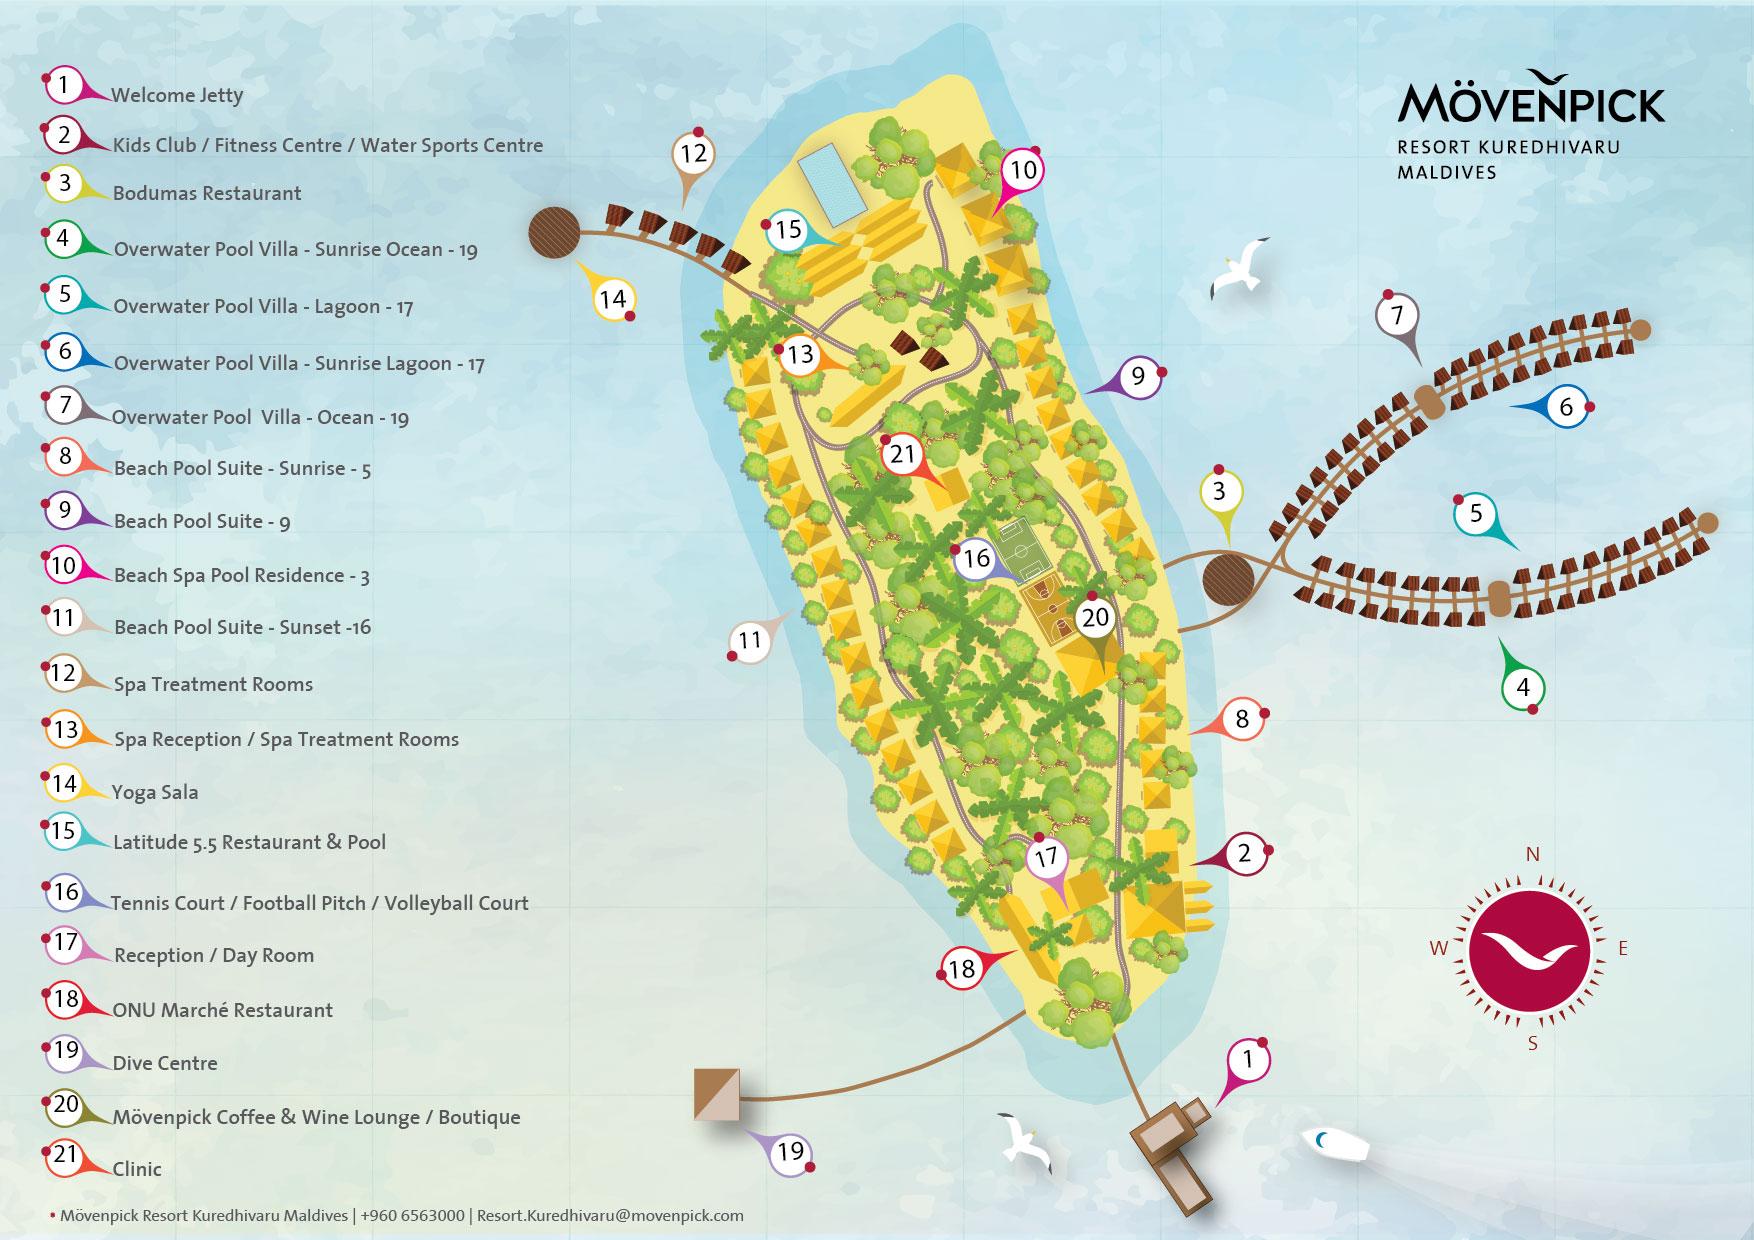 马尔代夫 莫凡彼|瑞享岛 Movenpick Resort Kuredhivaru Maldives 平面地图查看